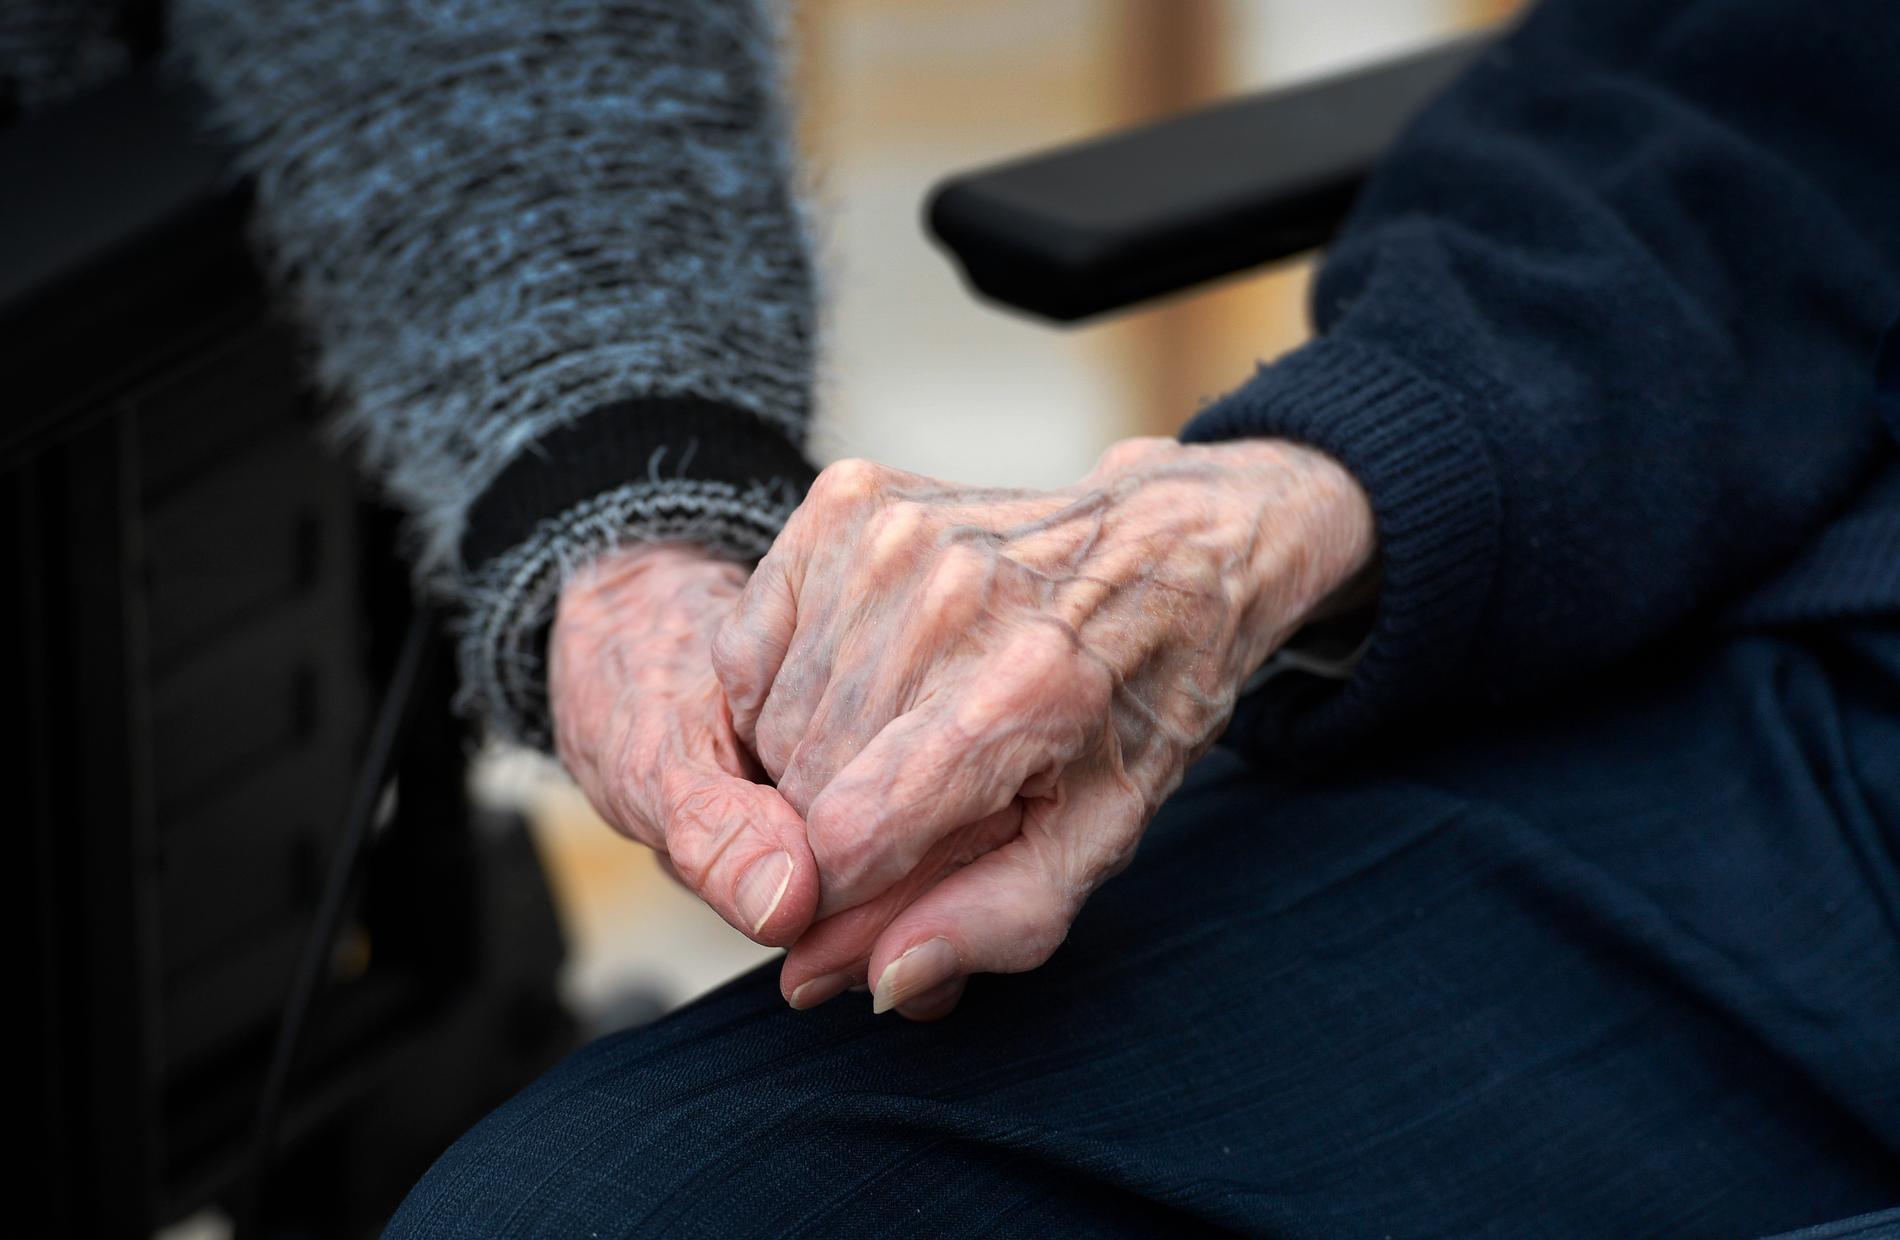 Hjärnan fungerar bättre hos dagens pensionärer i 70-årsåldern än den gjort för tidigare generationer. Men när försämringen till slut kommer, går den snabbare än hos tidigare årskullar. Arkivbild.